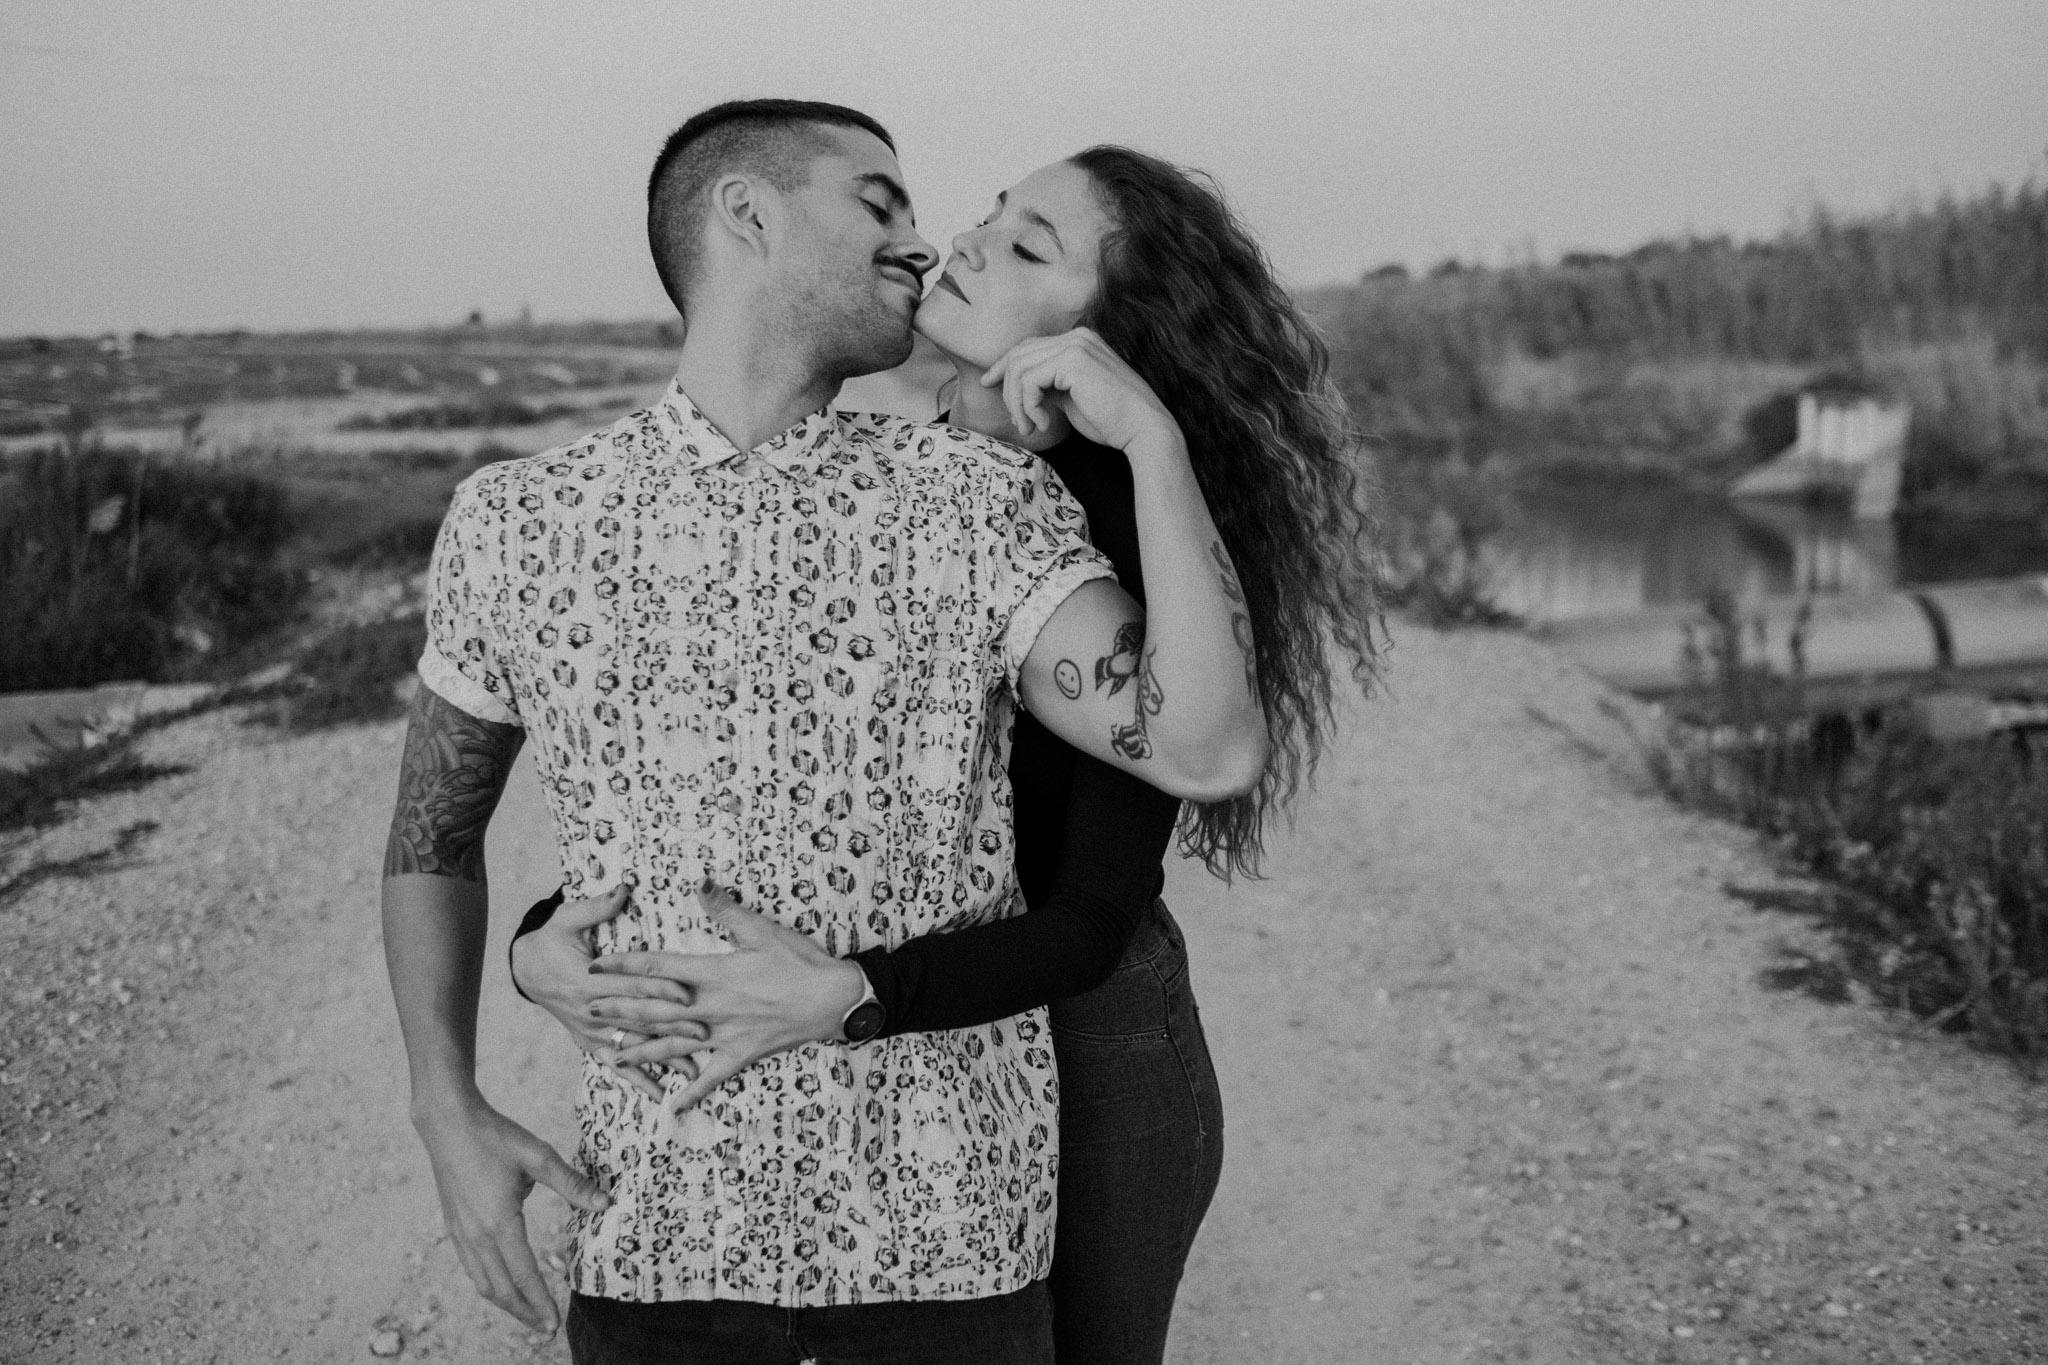 Diego&Lola_DFW_Wedding_Photography_28.jpg